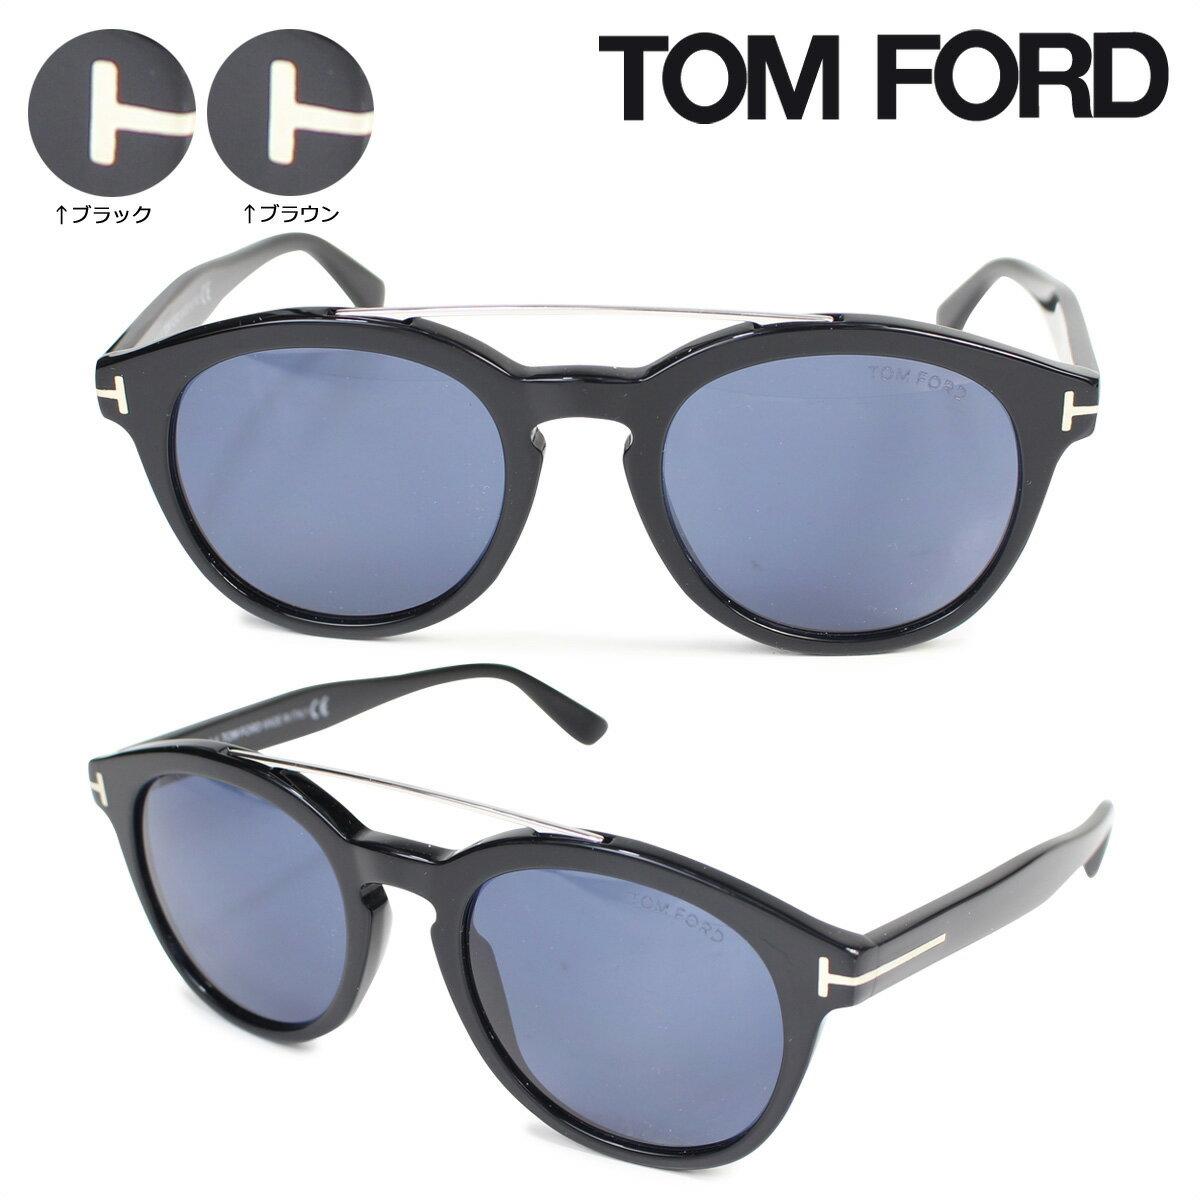 トムフォード TOM FORD サングラス メガネ メンズ レディース アイウェア FT0515 NEWMAN SUNGLASSES 2カラー 【決算セール】